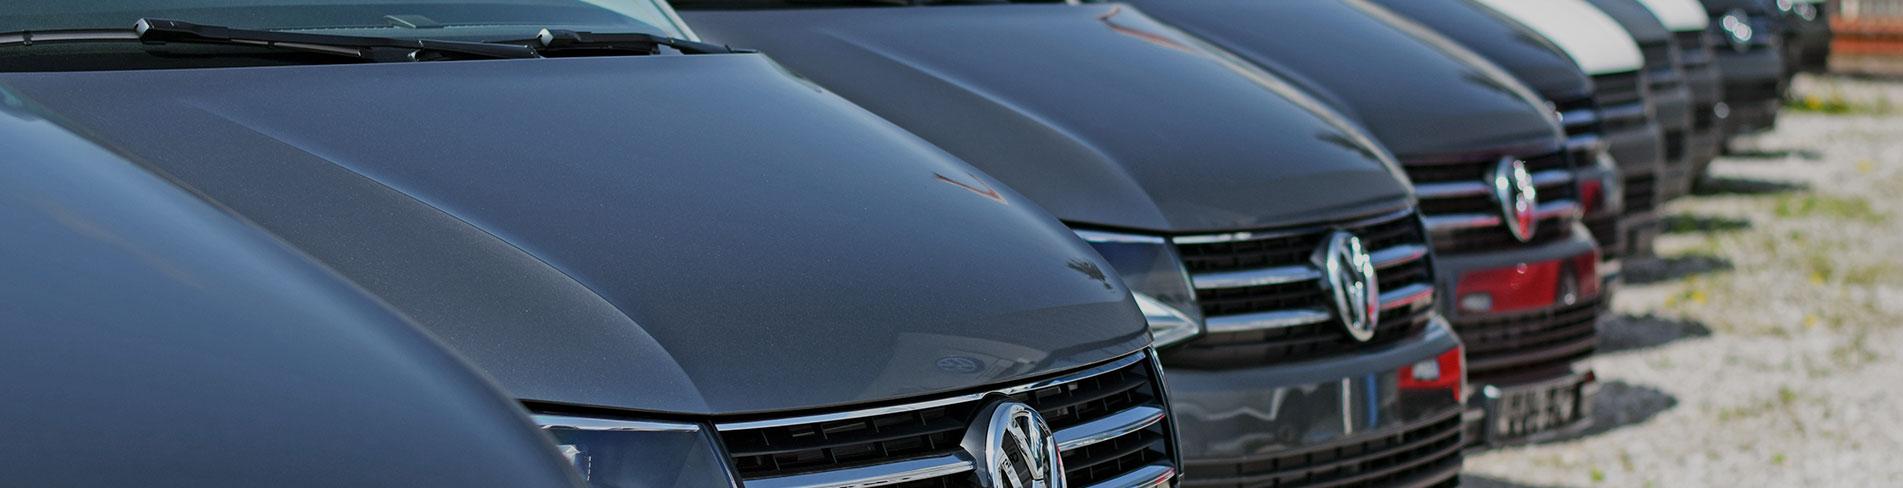 Car & Fleet